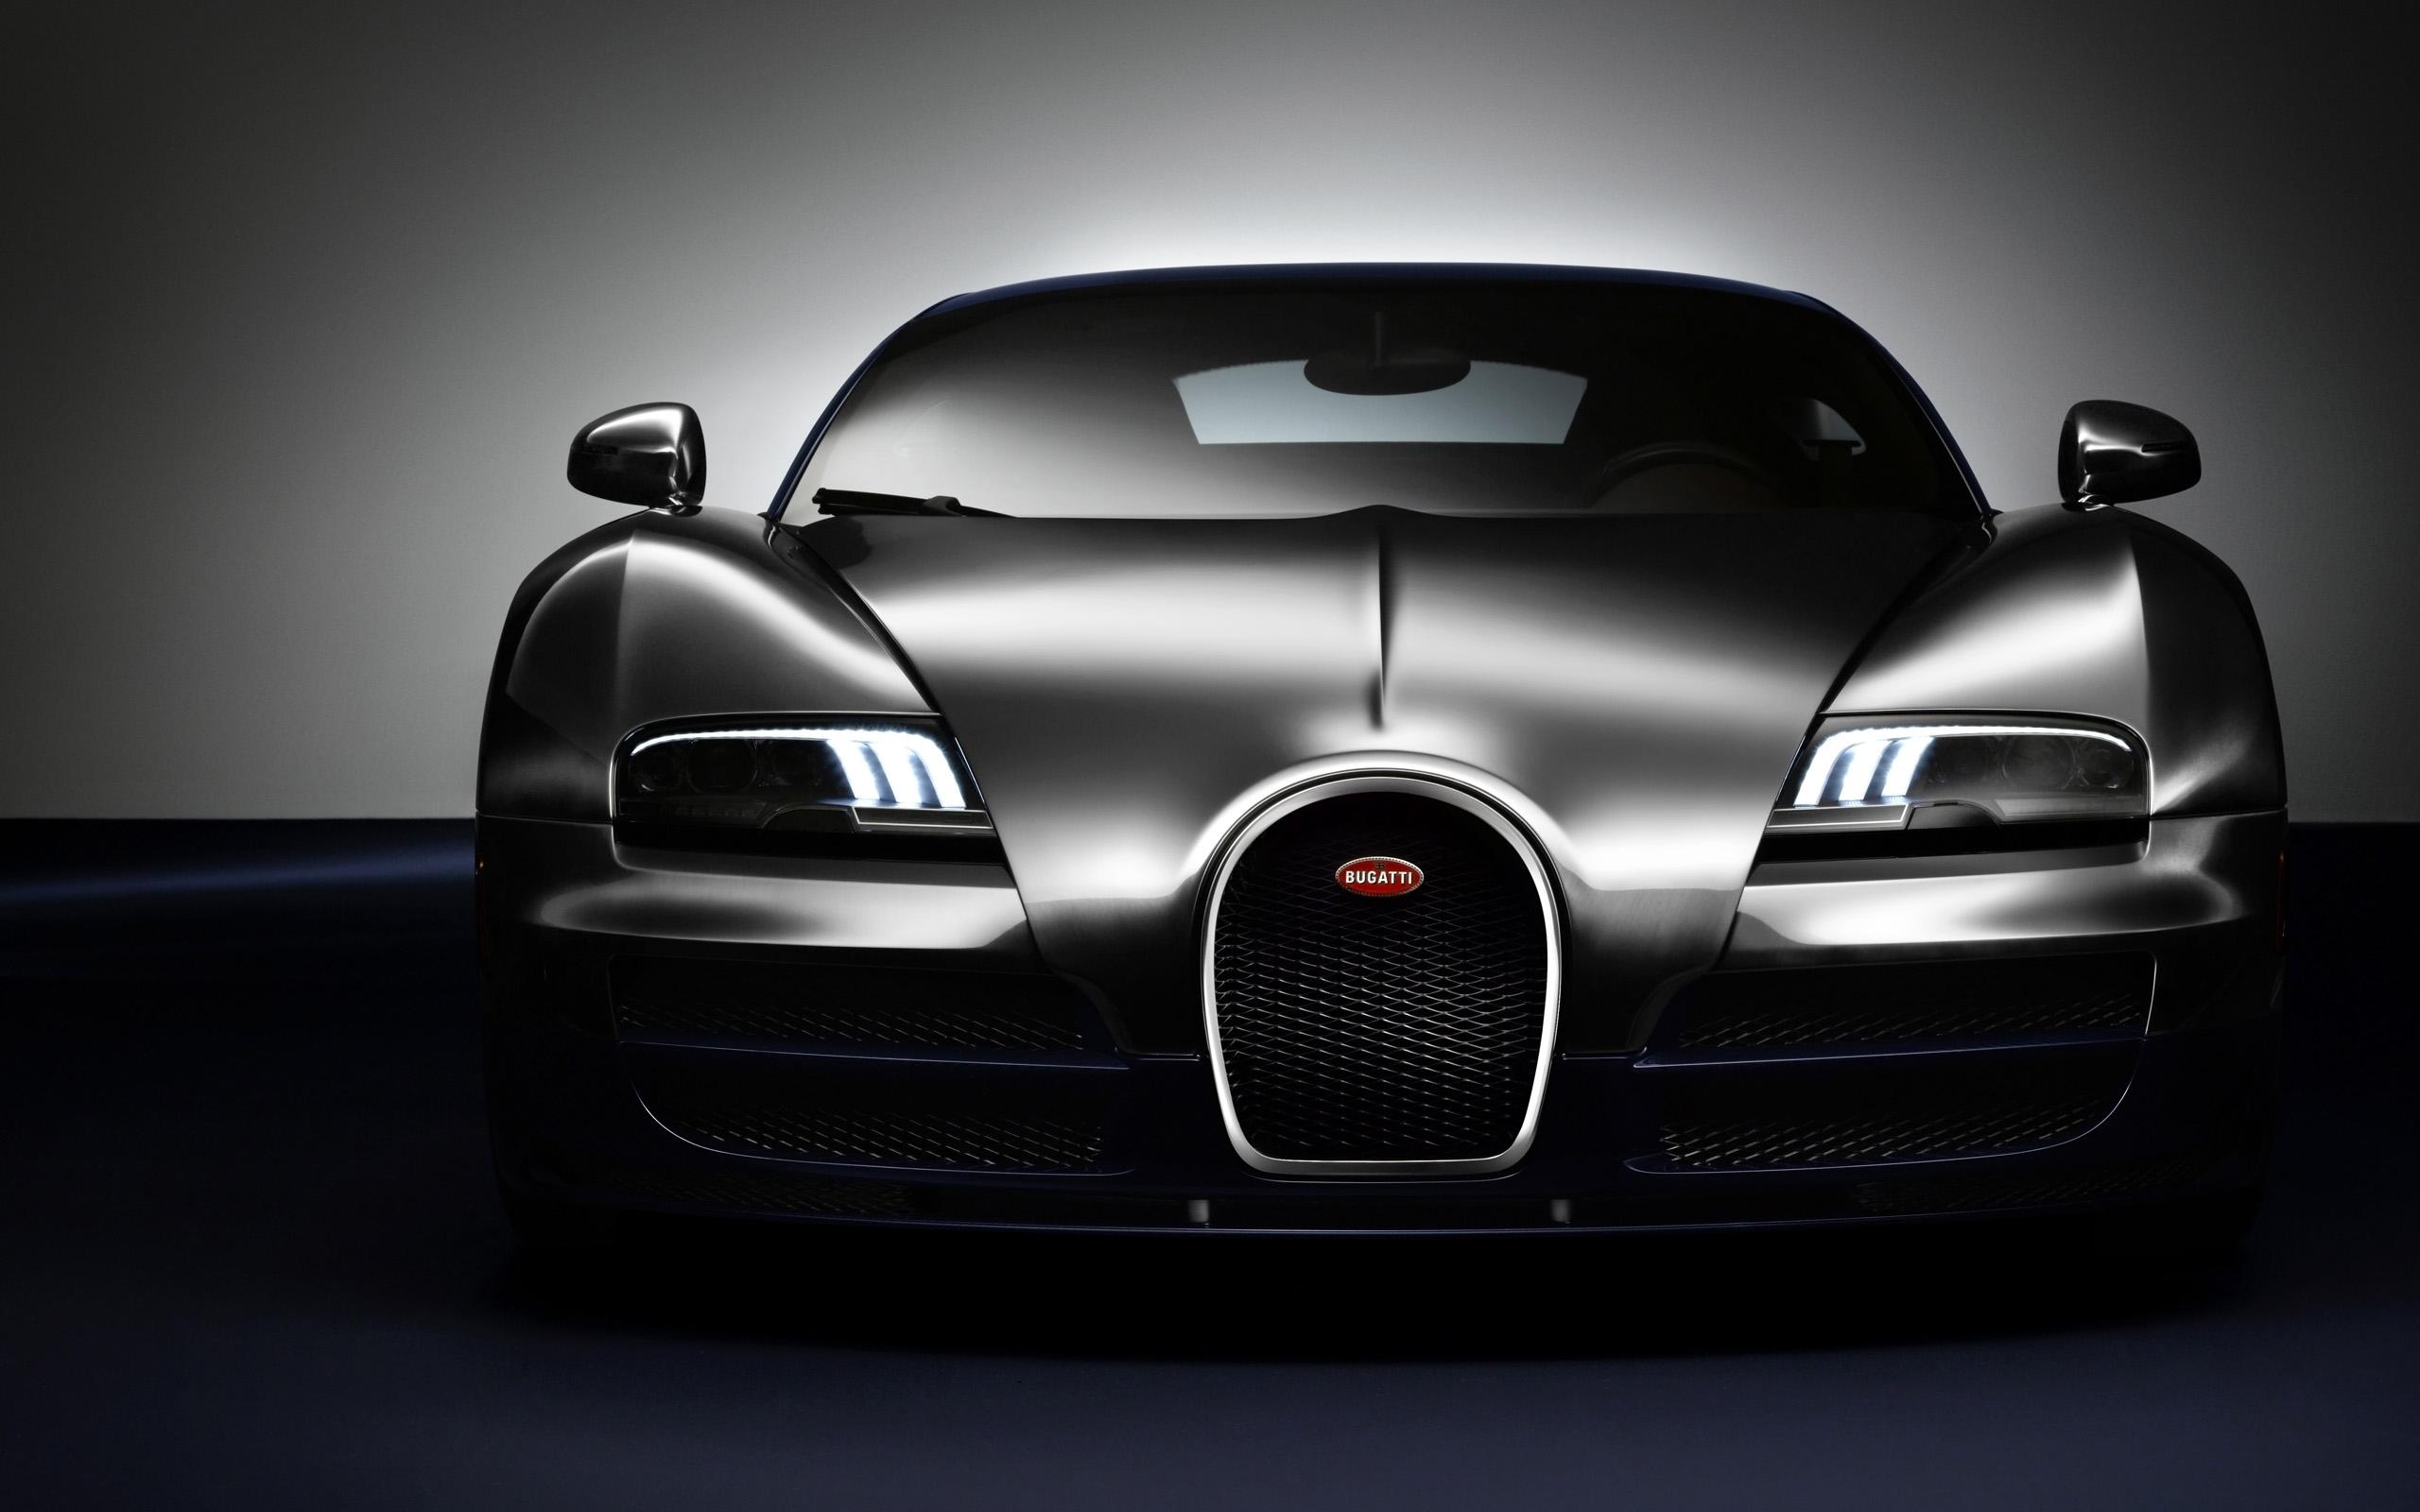 2014 Bugatti Veyron Ettore Legend Edition 2